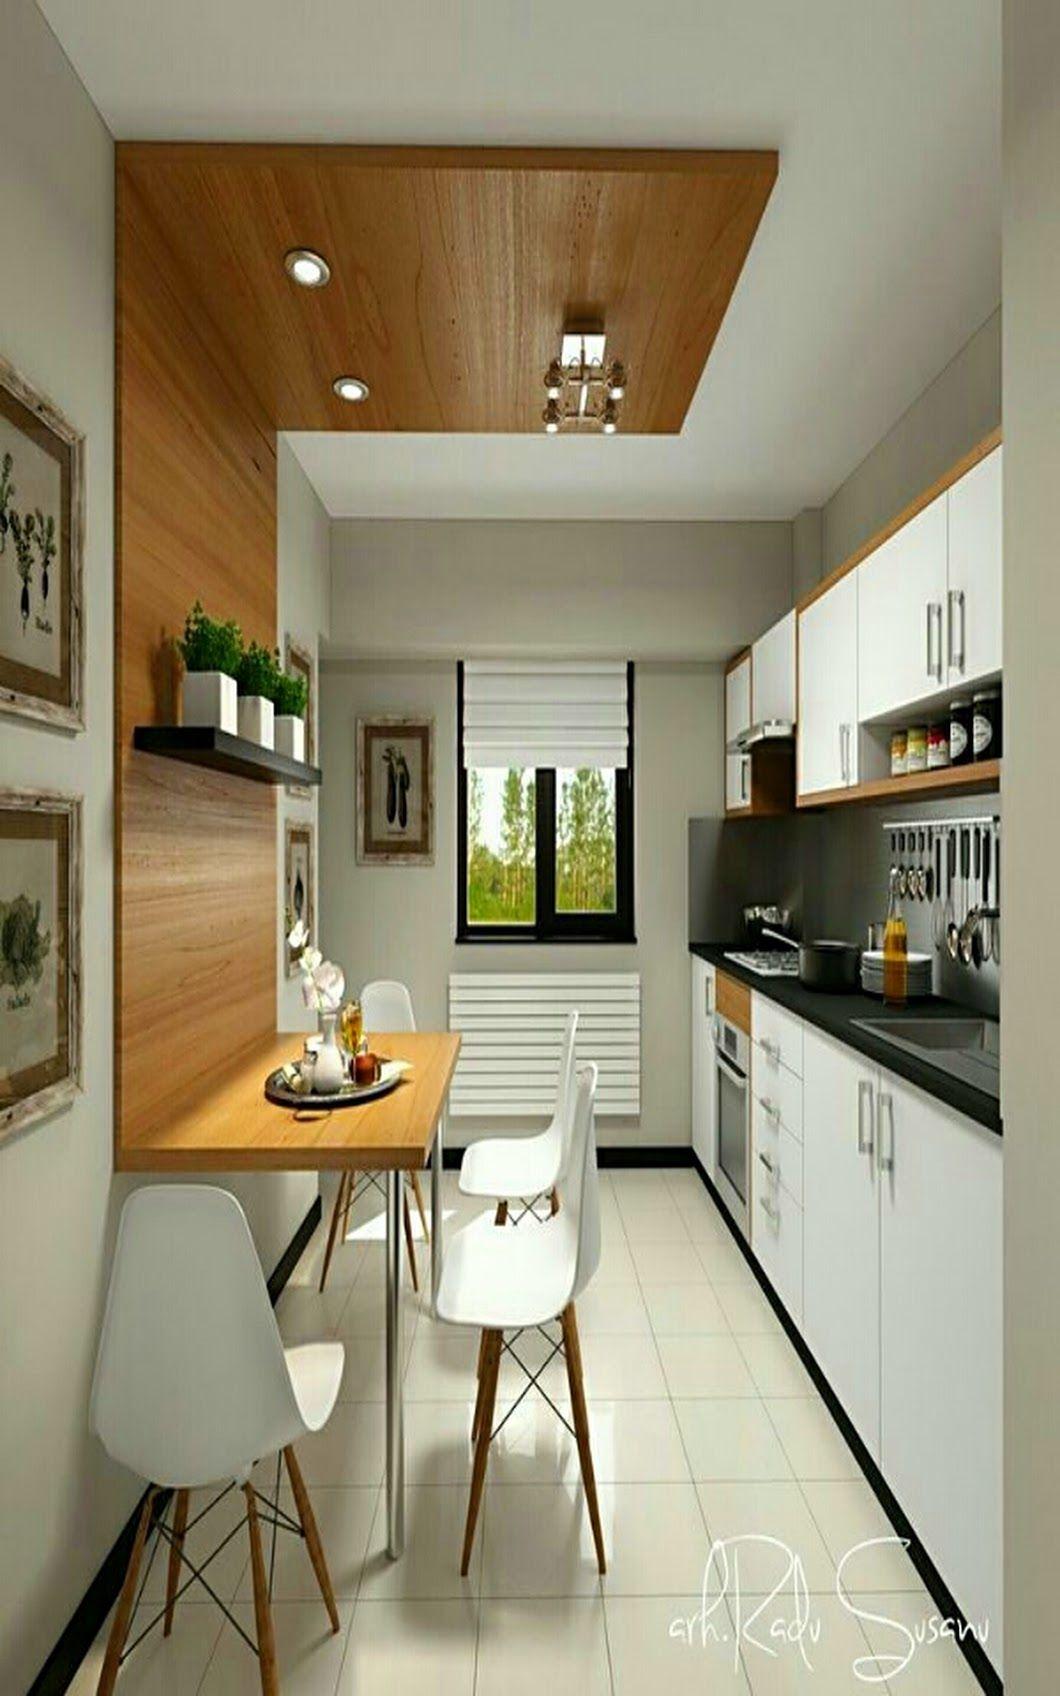 Namo amituofo google decorar salon dise o cocinas for Disenos para cocinas pequenas y modernas